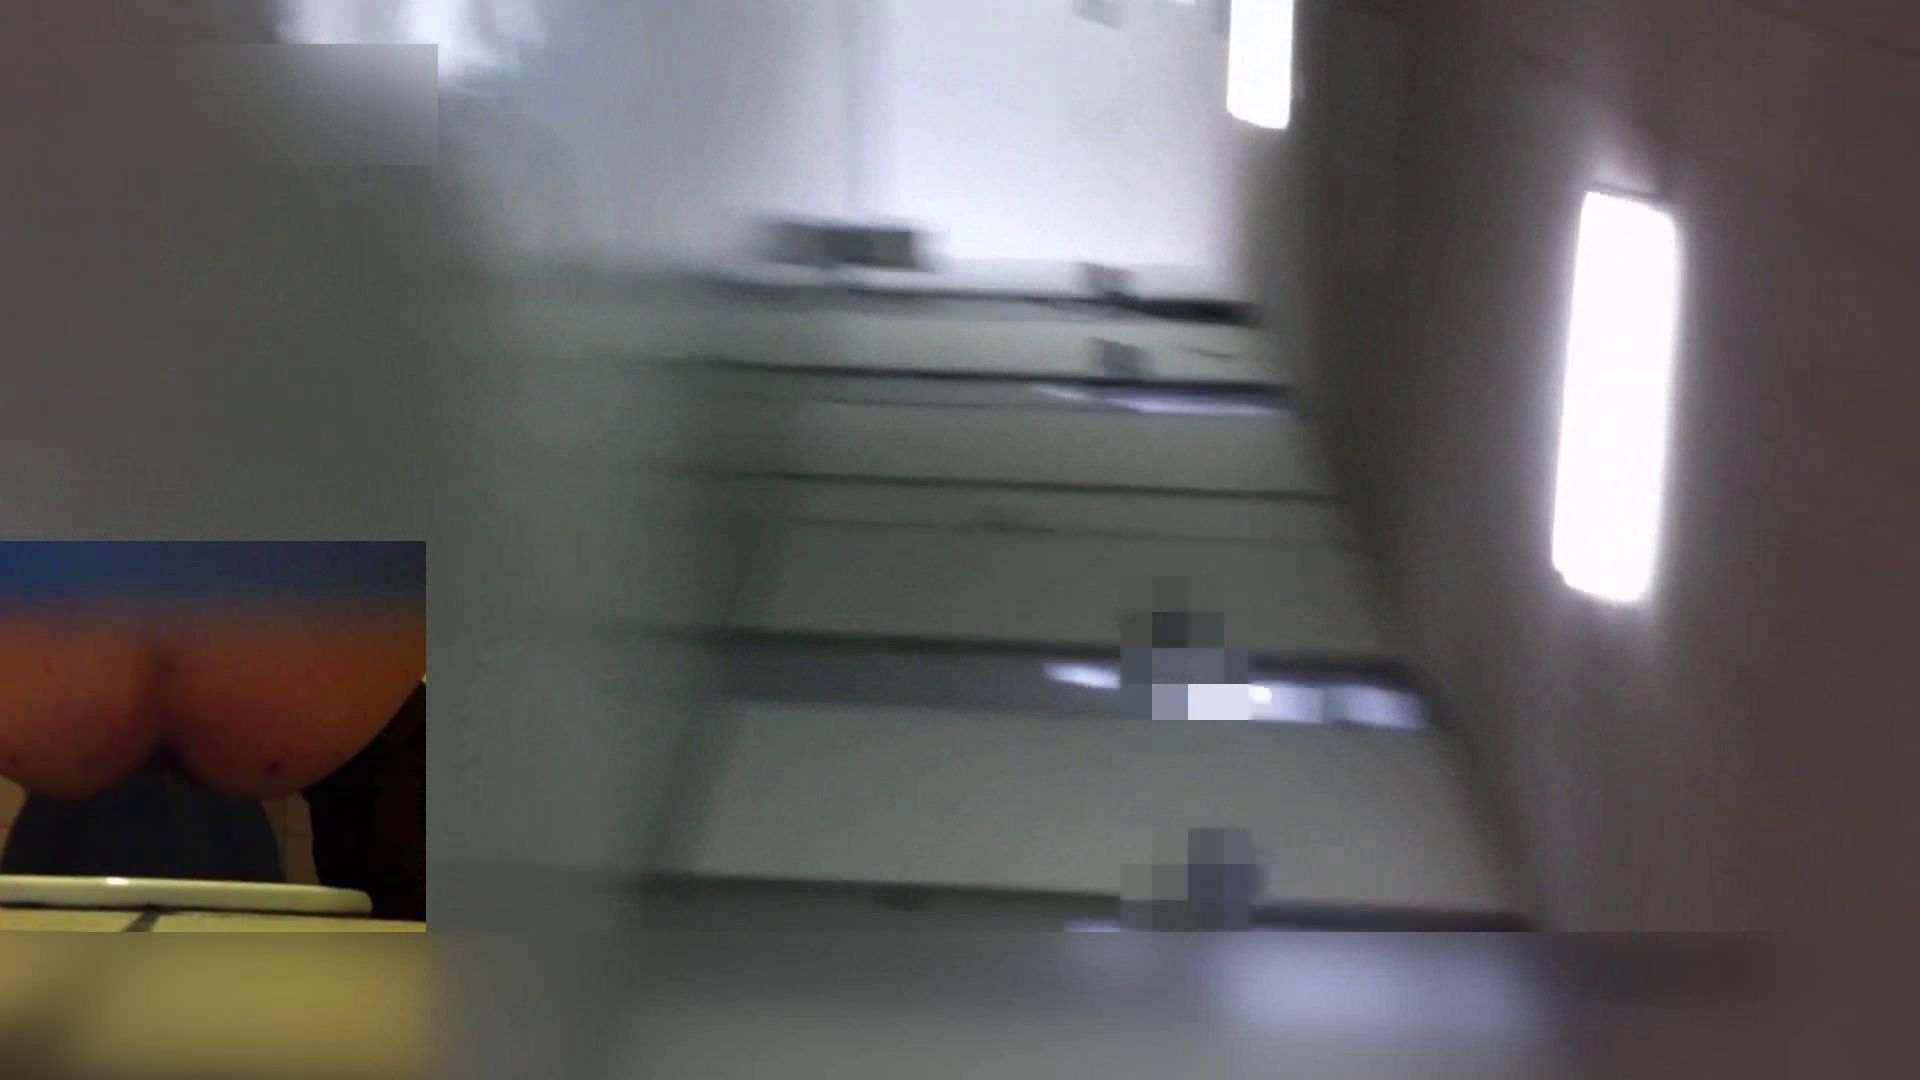 お姉さんの恥便所盗撮! Vol.24 盗撮 すけべAV動画紹介 67画像 13